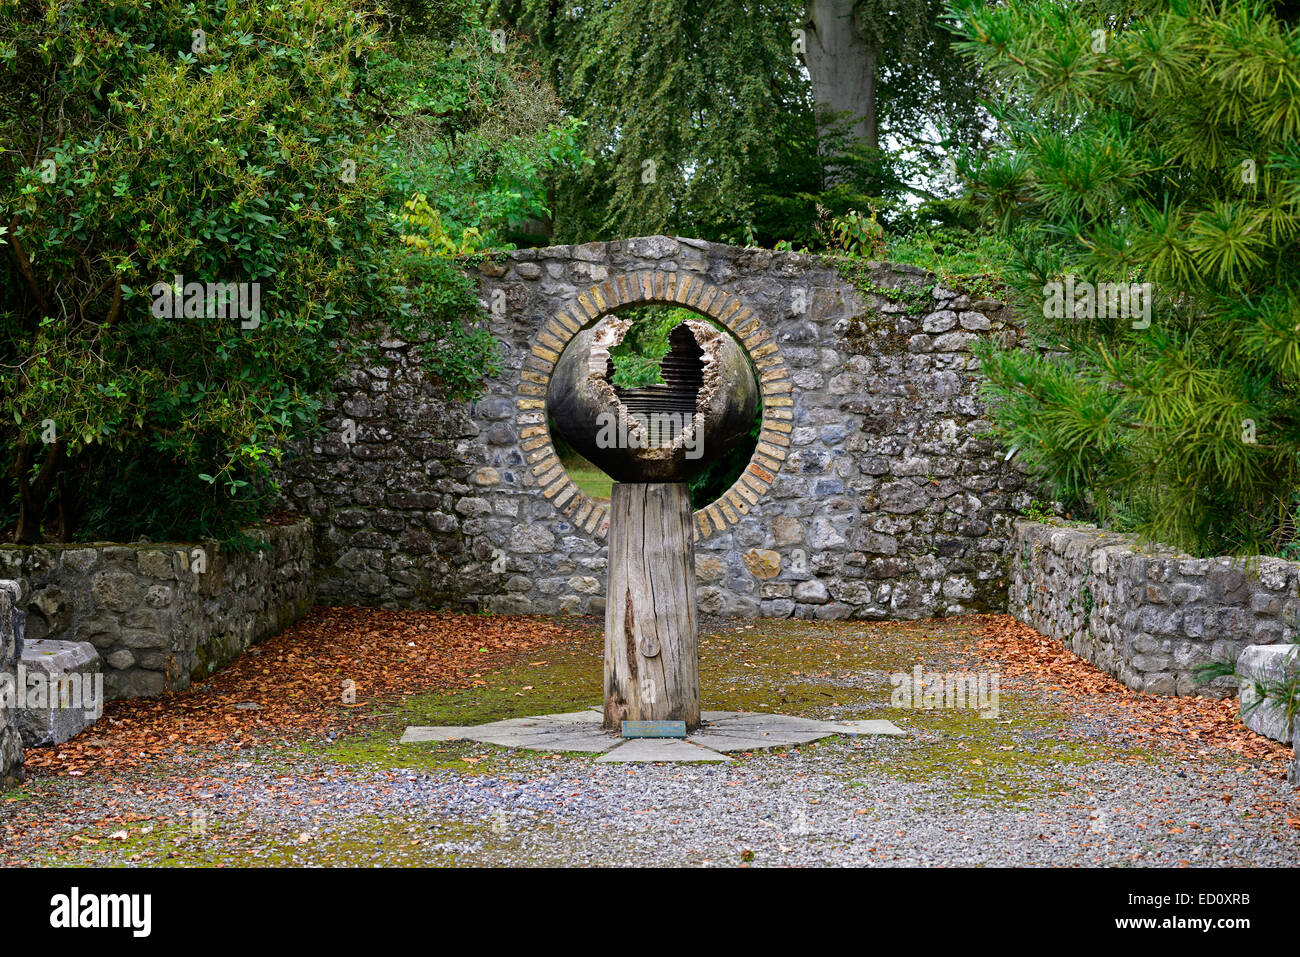 Holz Holz Ei Skulptur Kunst Installation Birr Castle Garten Gärten